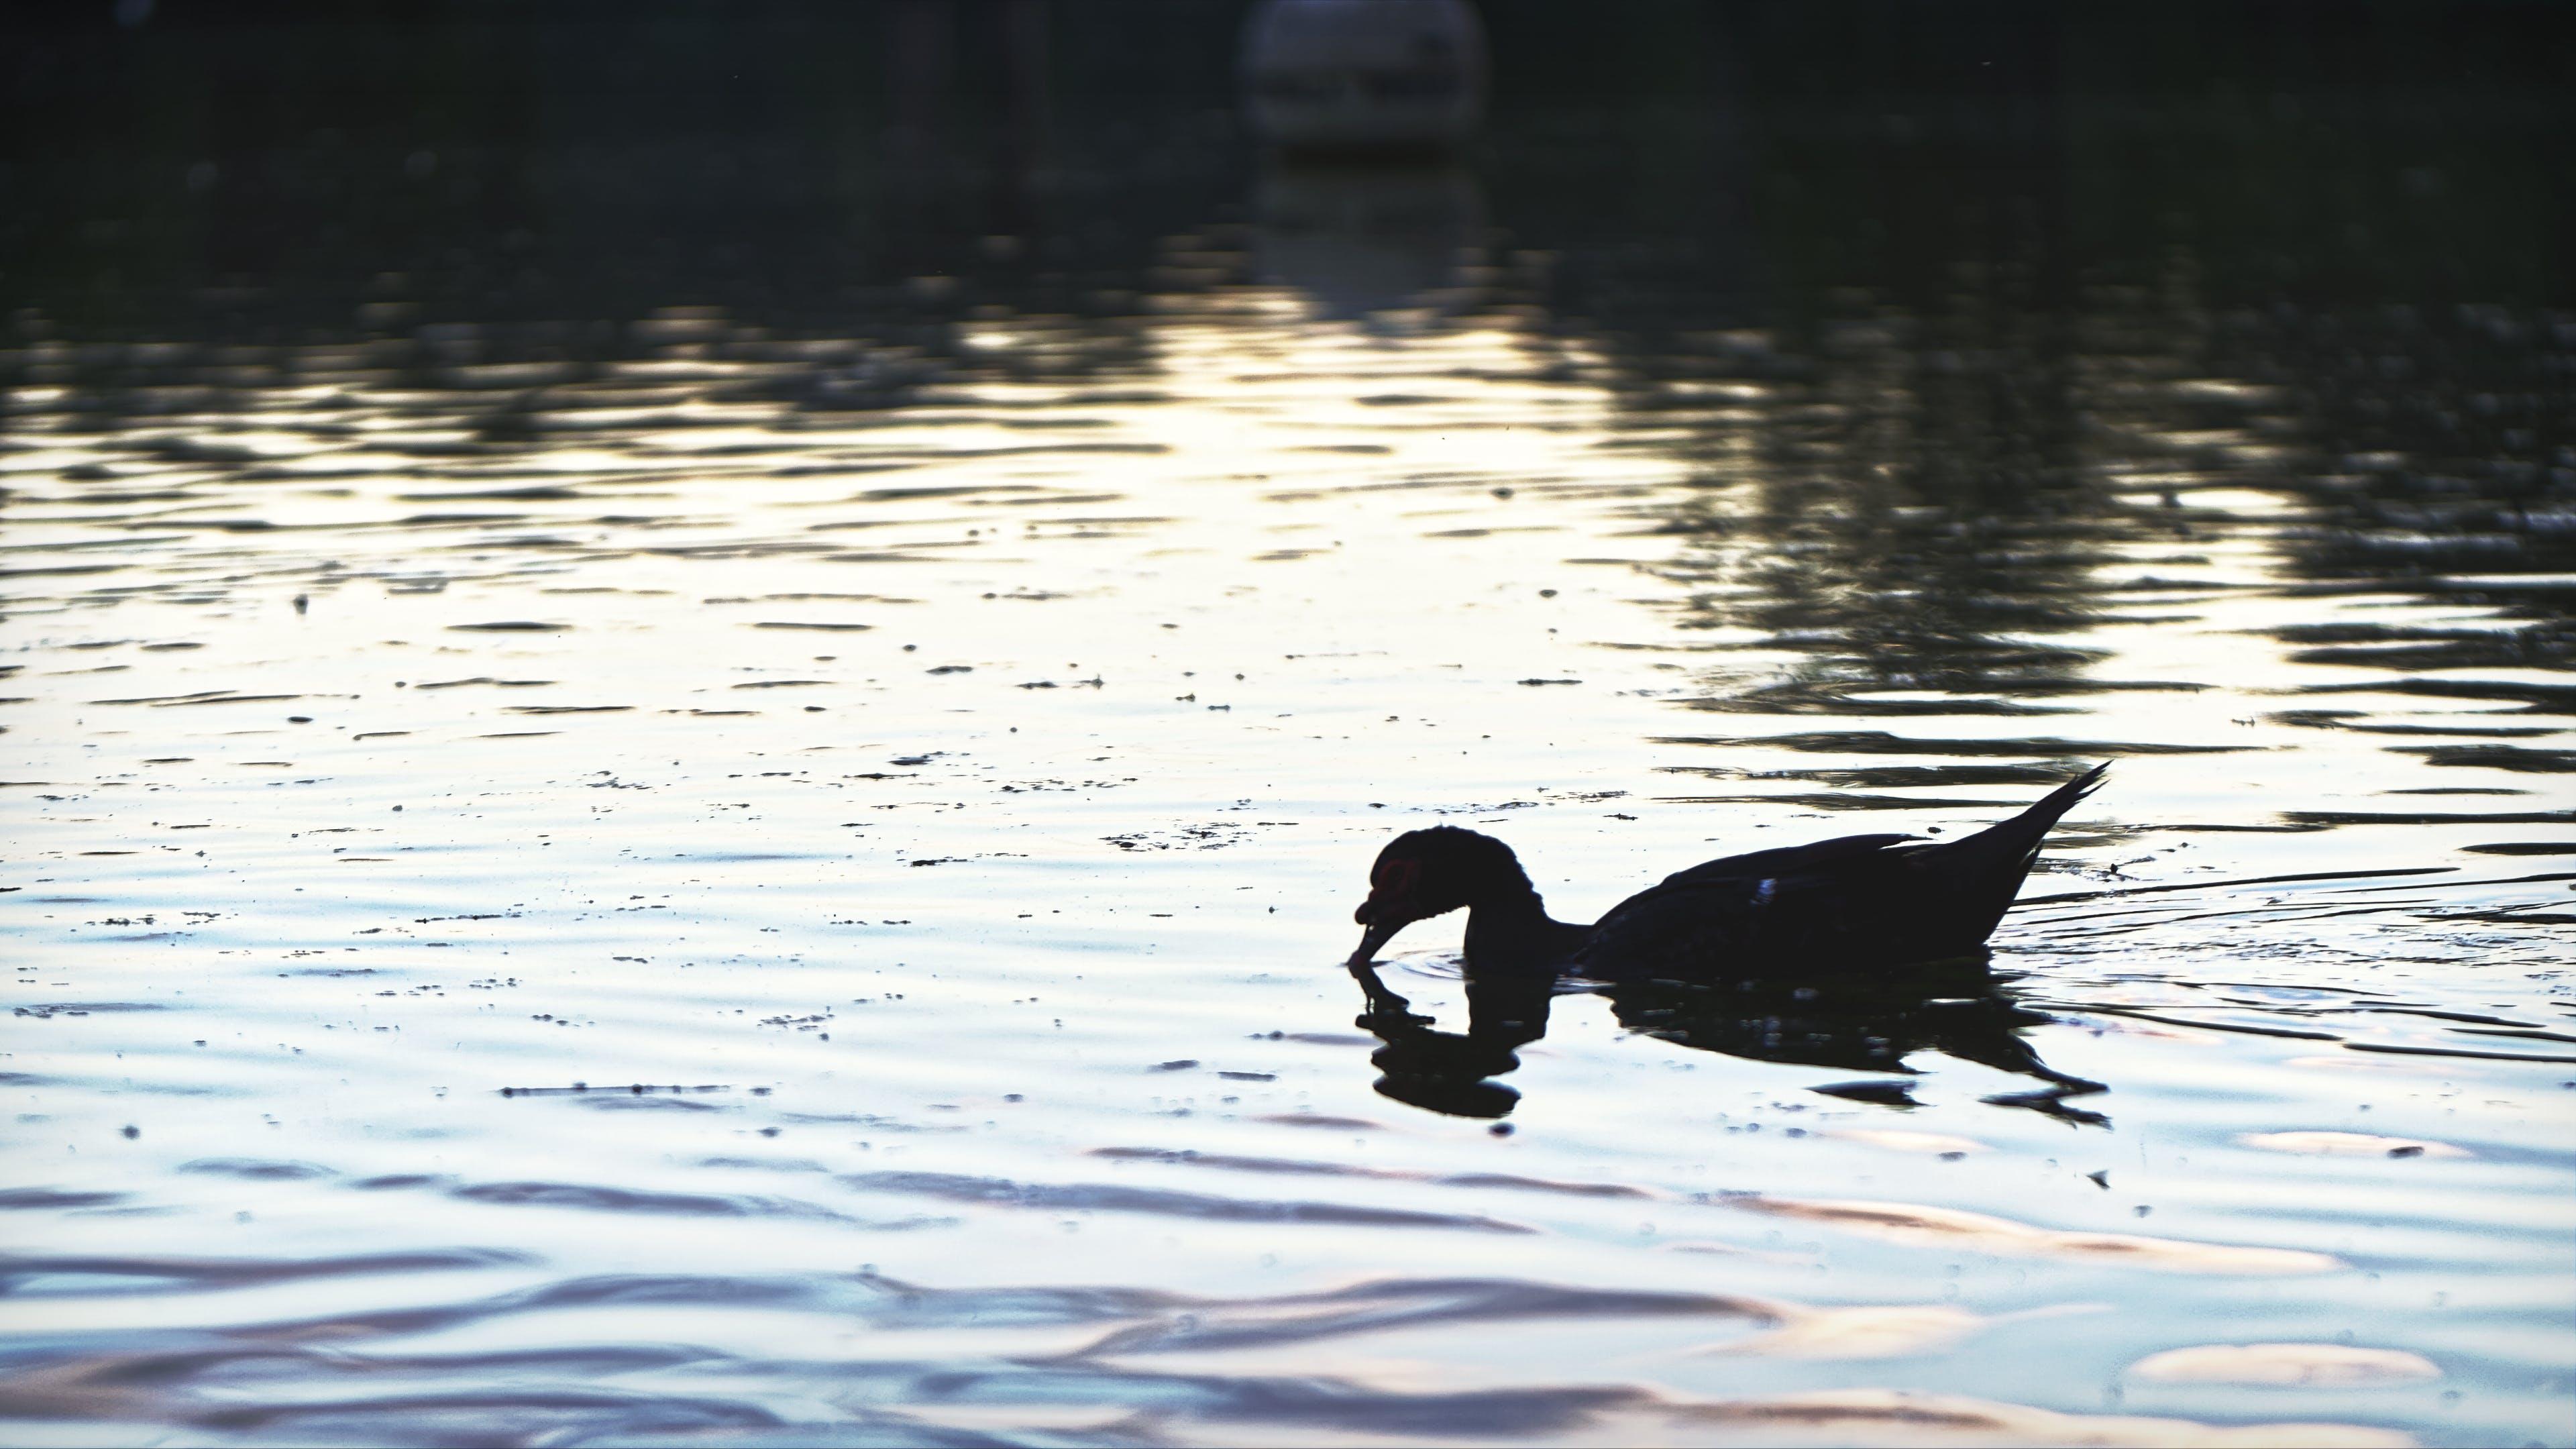 คลังภาพถ่ายฟรี ของ ทะเลสาป, นก, พลบค่ำ, ภาพเงาของห่านบนร่างกายของน้ำ